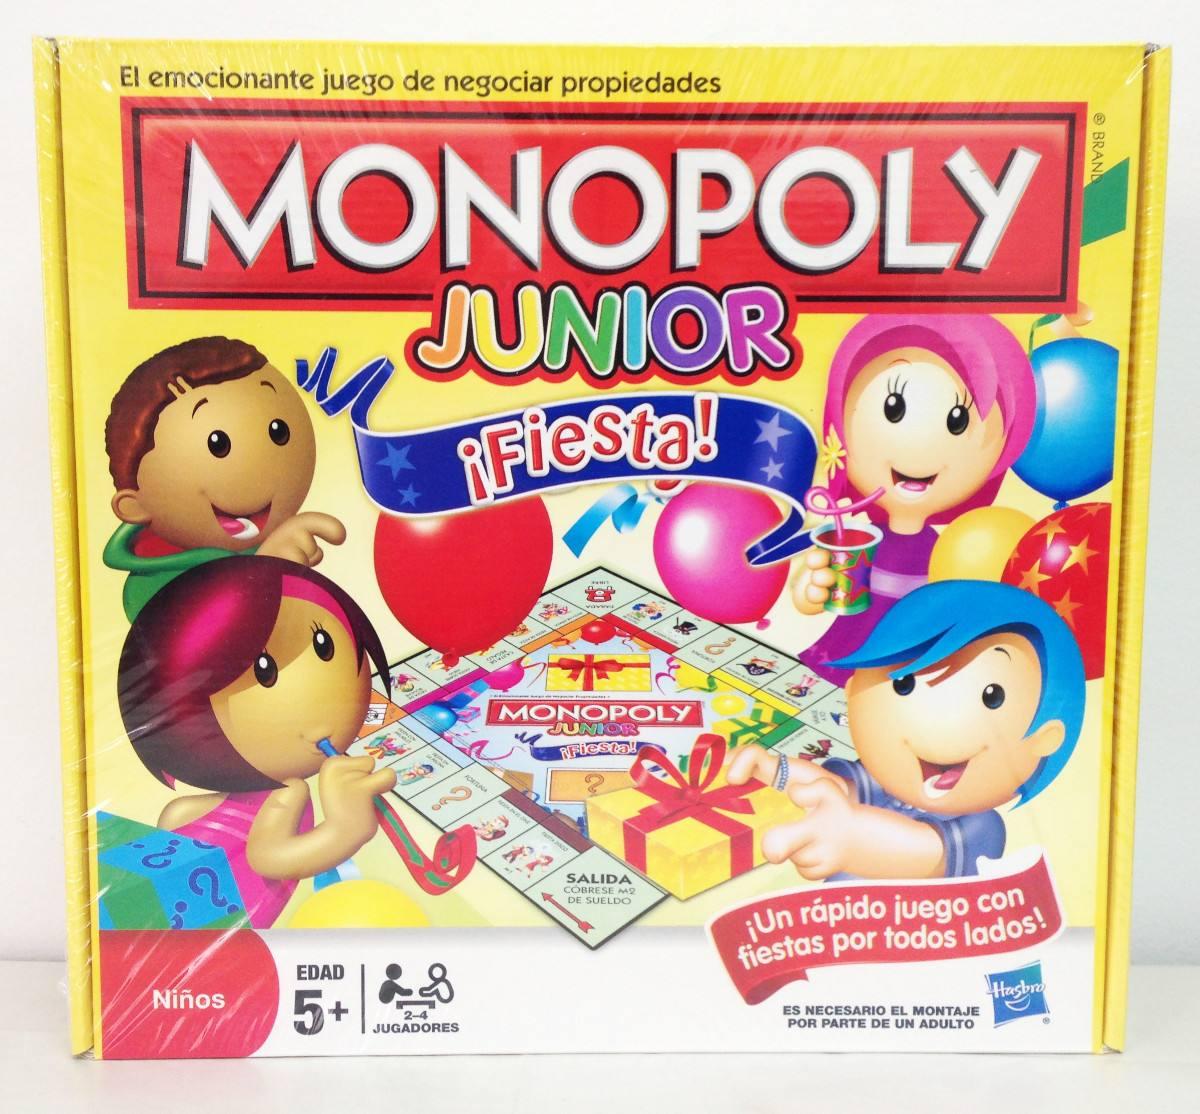 Monopoly Junior Fiesta Juego De Mesa Para Ninos Hasbro 509 00 En